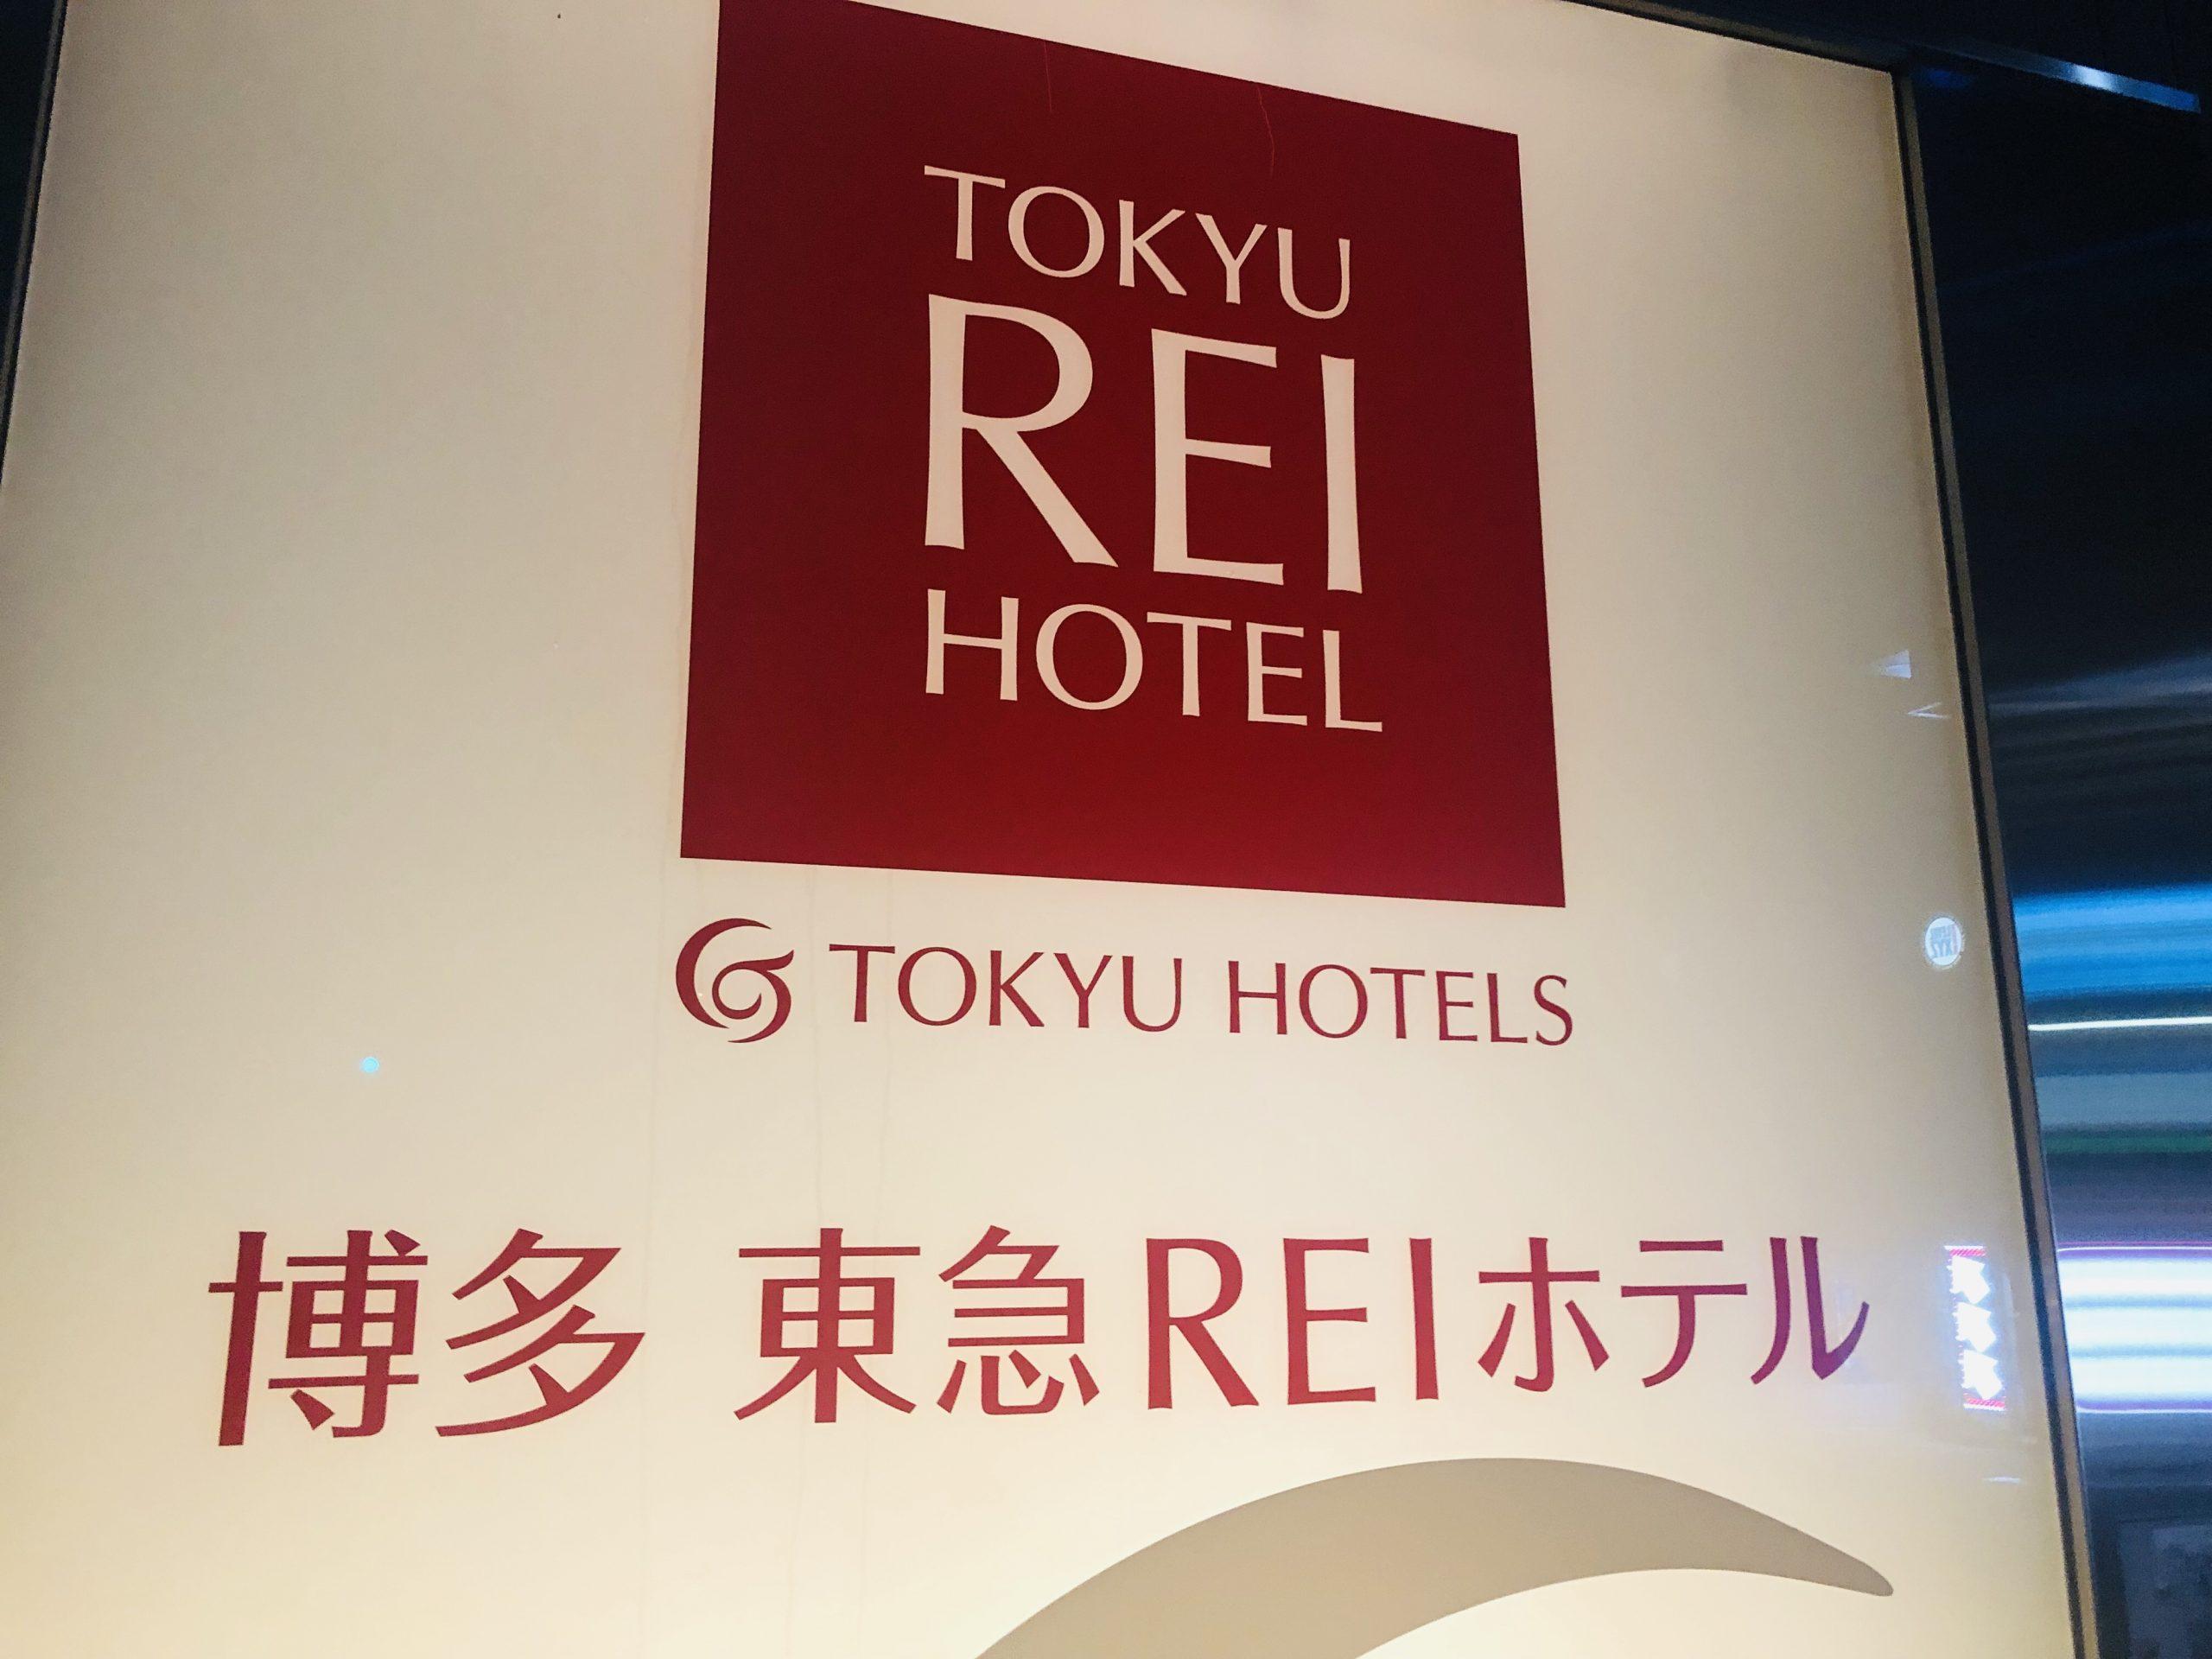 博多東急REIホテルの看板